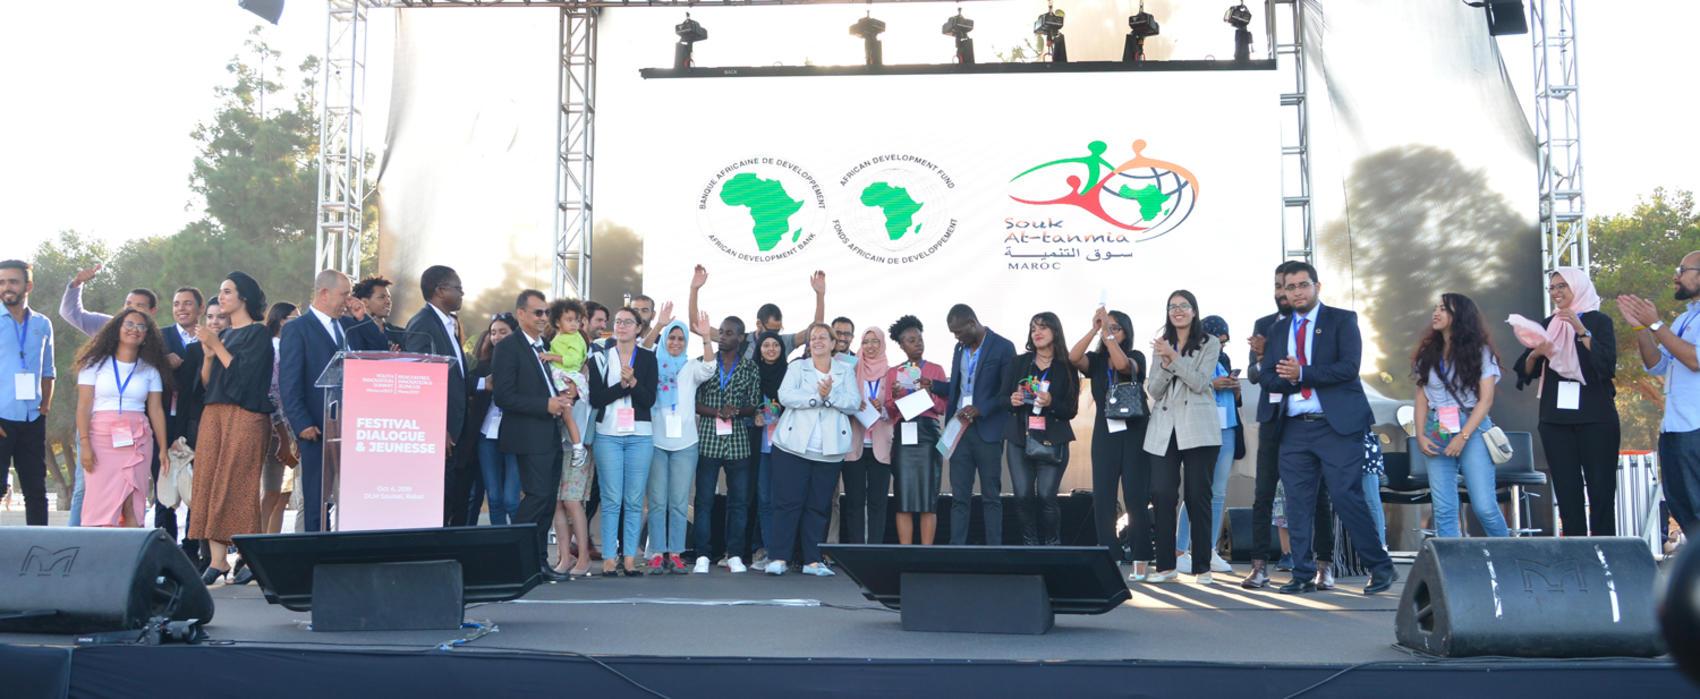 La Banque africaine de développement soutient  l'entrepreneuriat des jeunes et l'innovation au Maroc